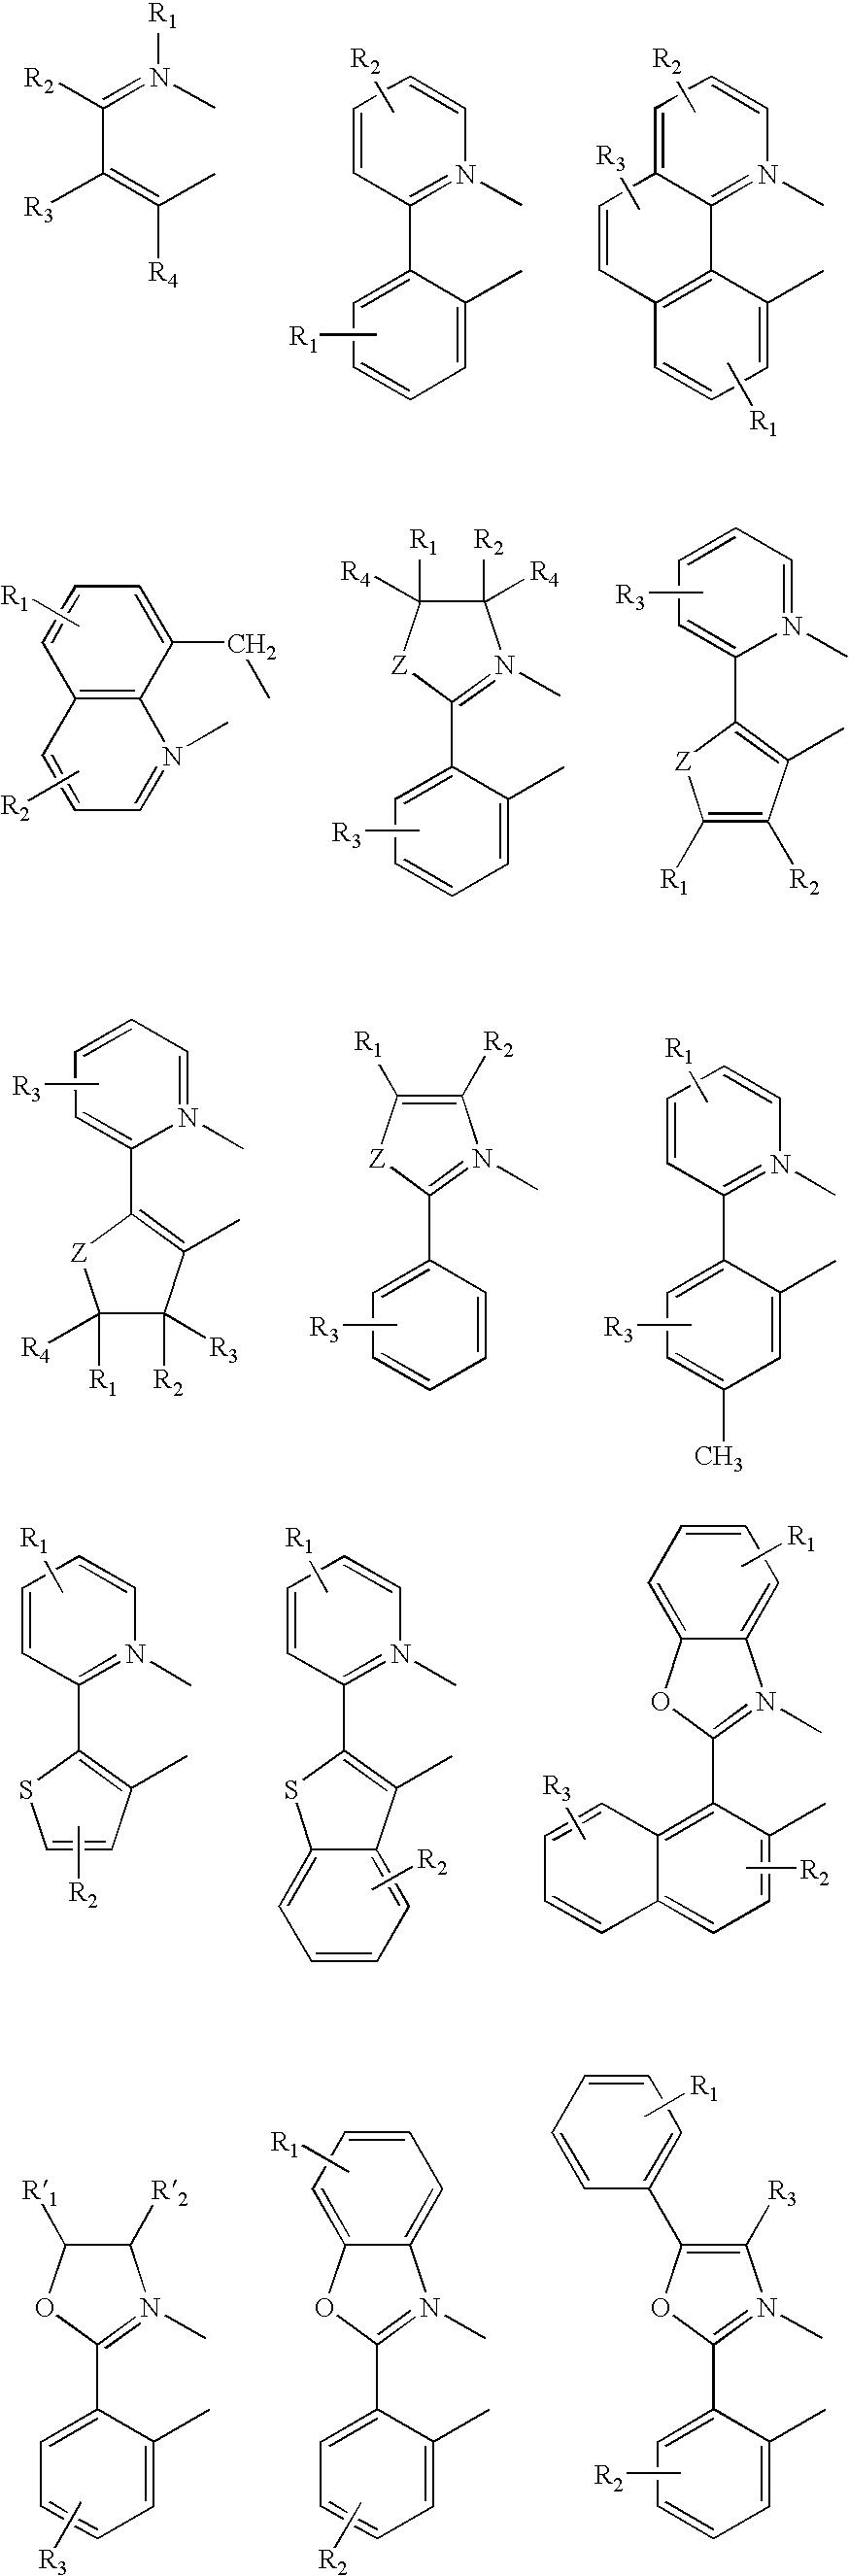 Figure US20050112406A1-20050526-C00005